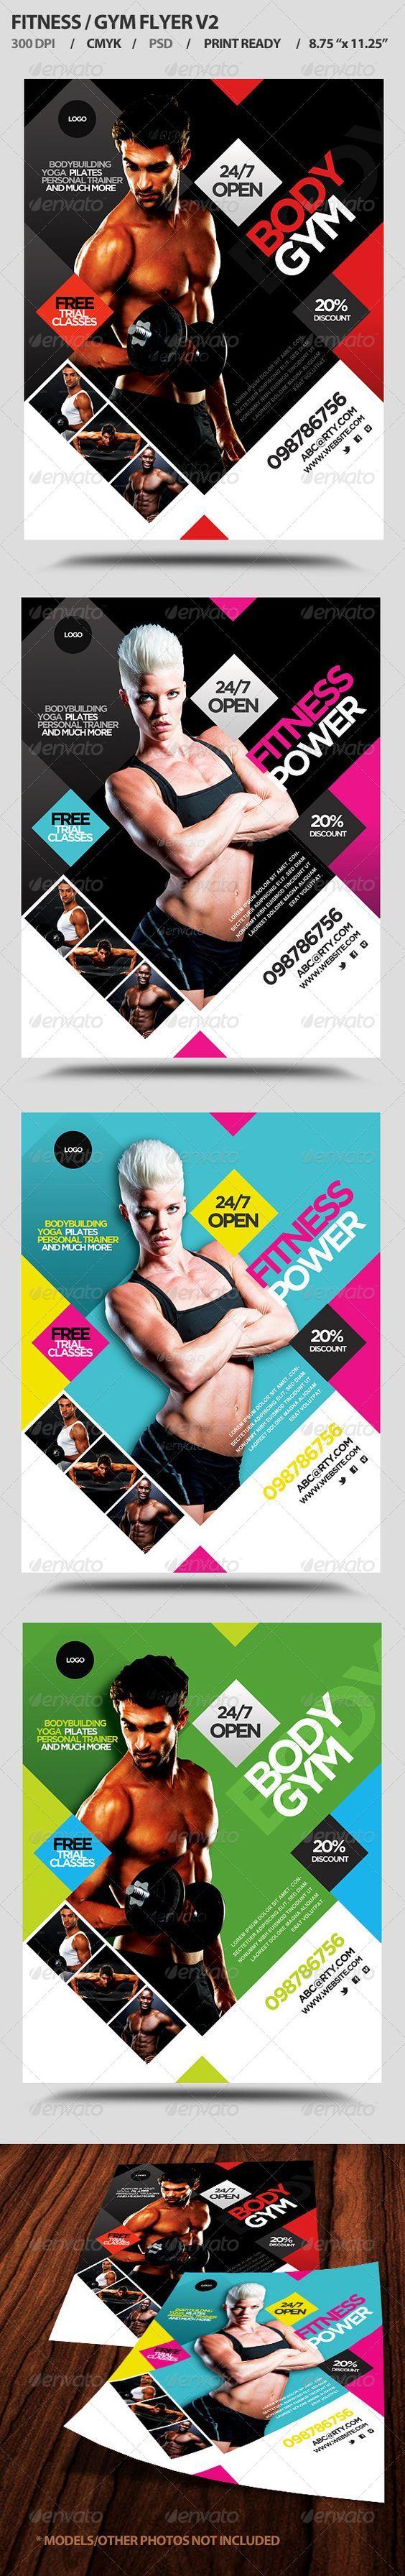 Fitness/Gym Business Promotion Flyer V2: